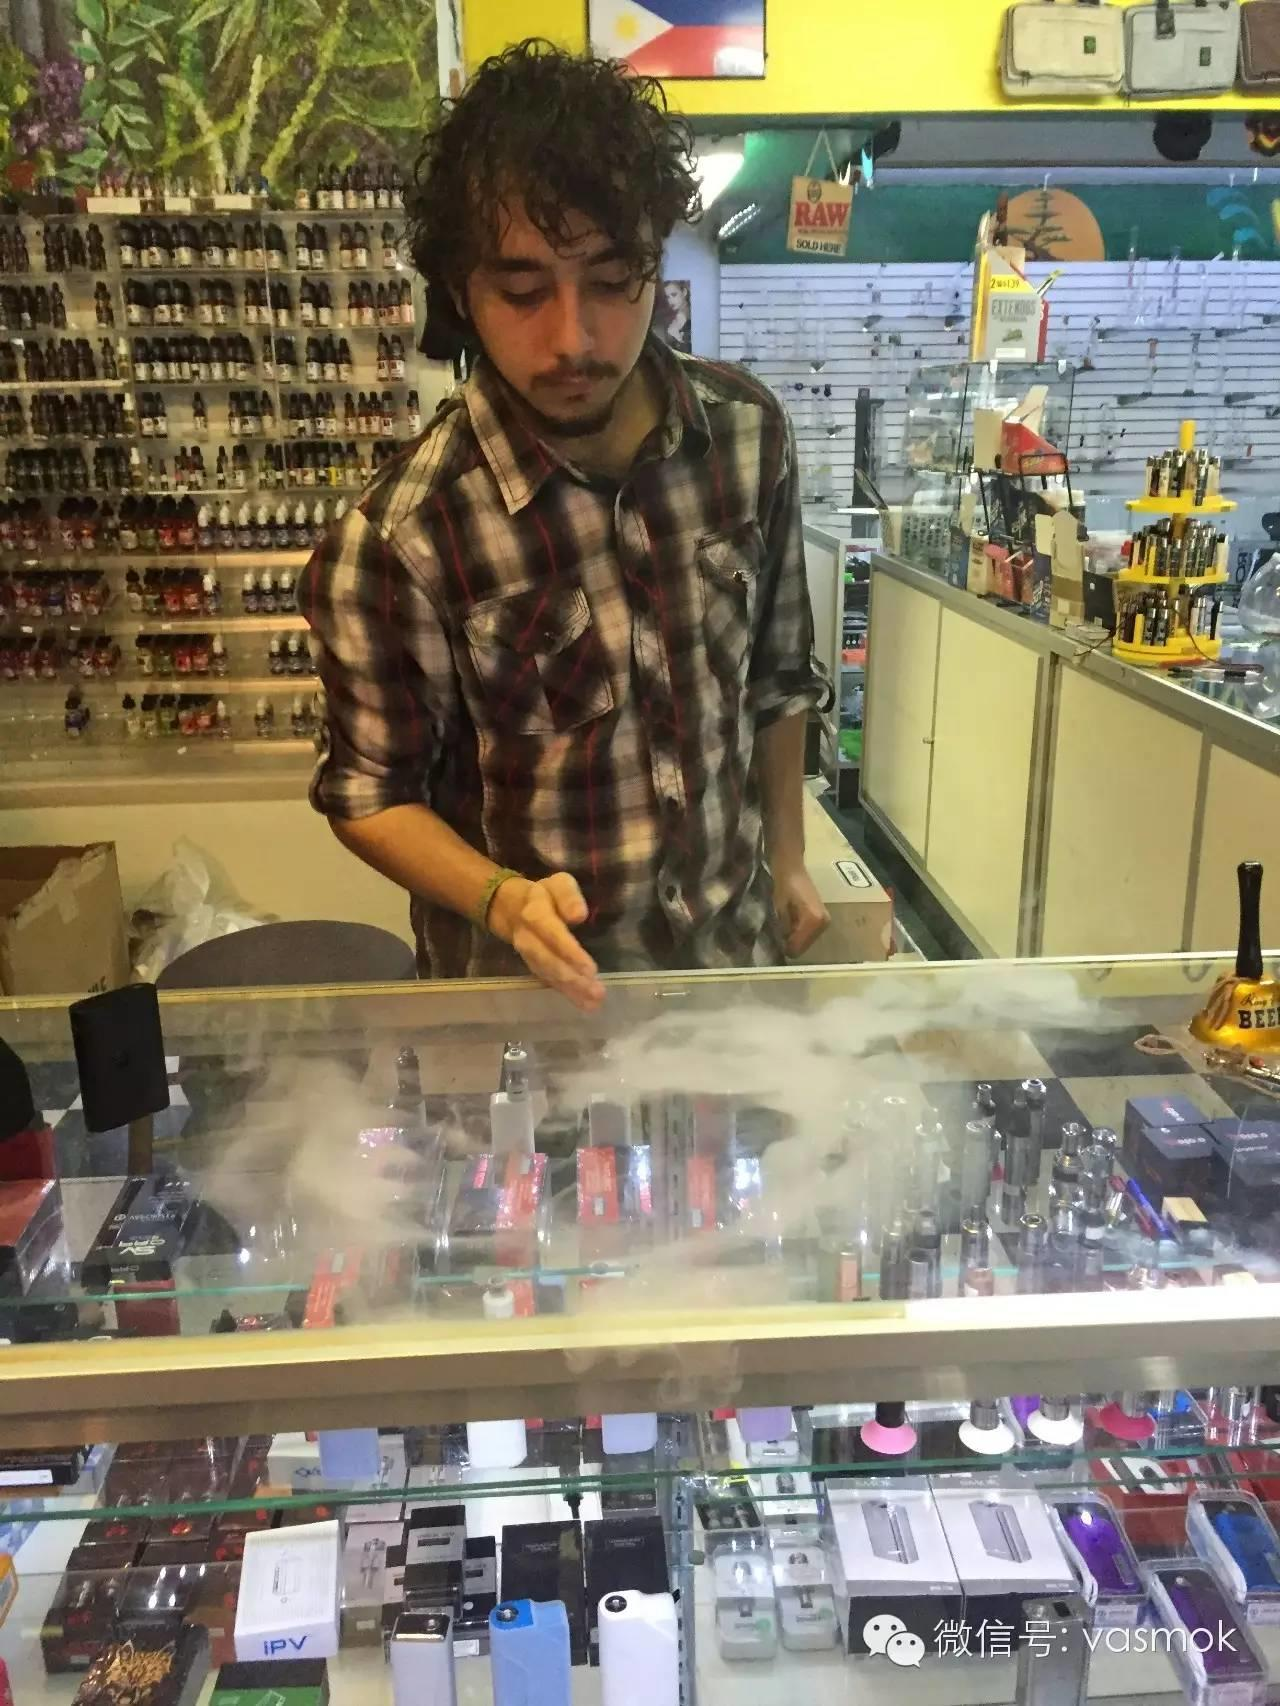 【美国之行 ·下】多彩奥兰多,vasmok带你体验电子烟的天堂